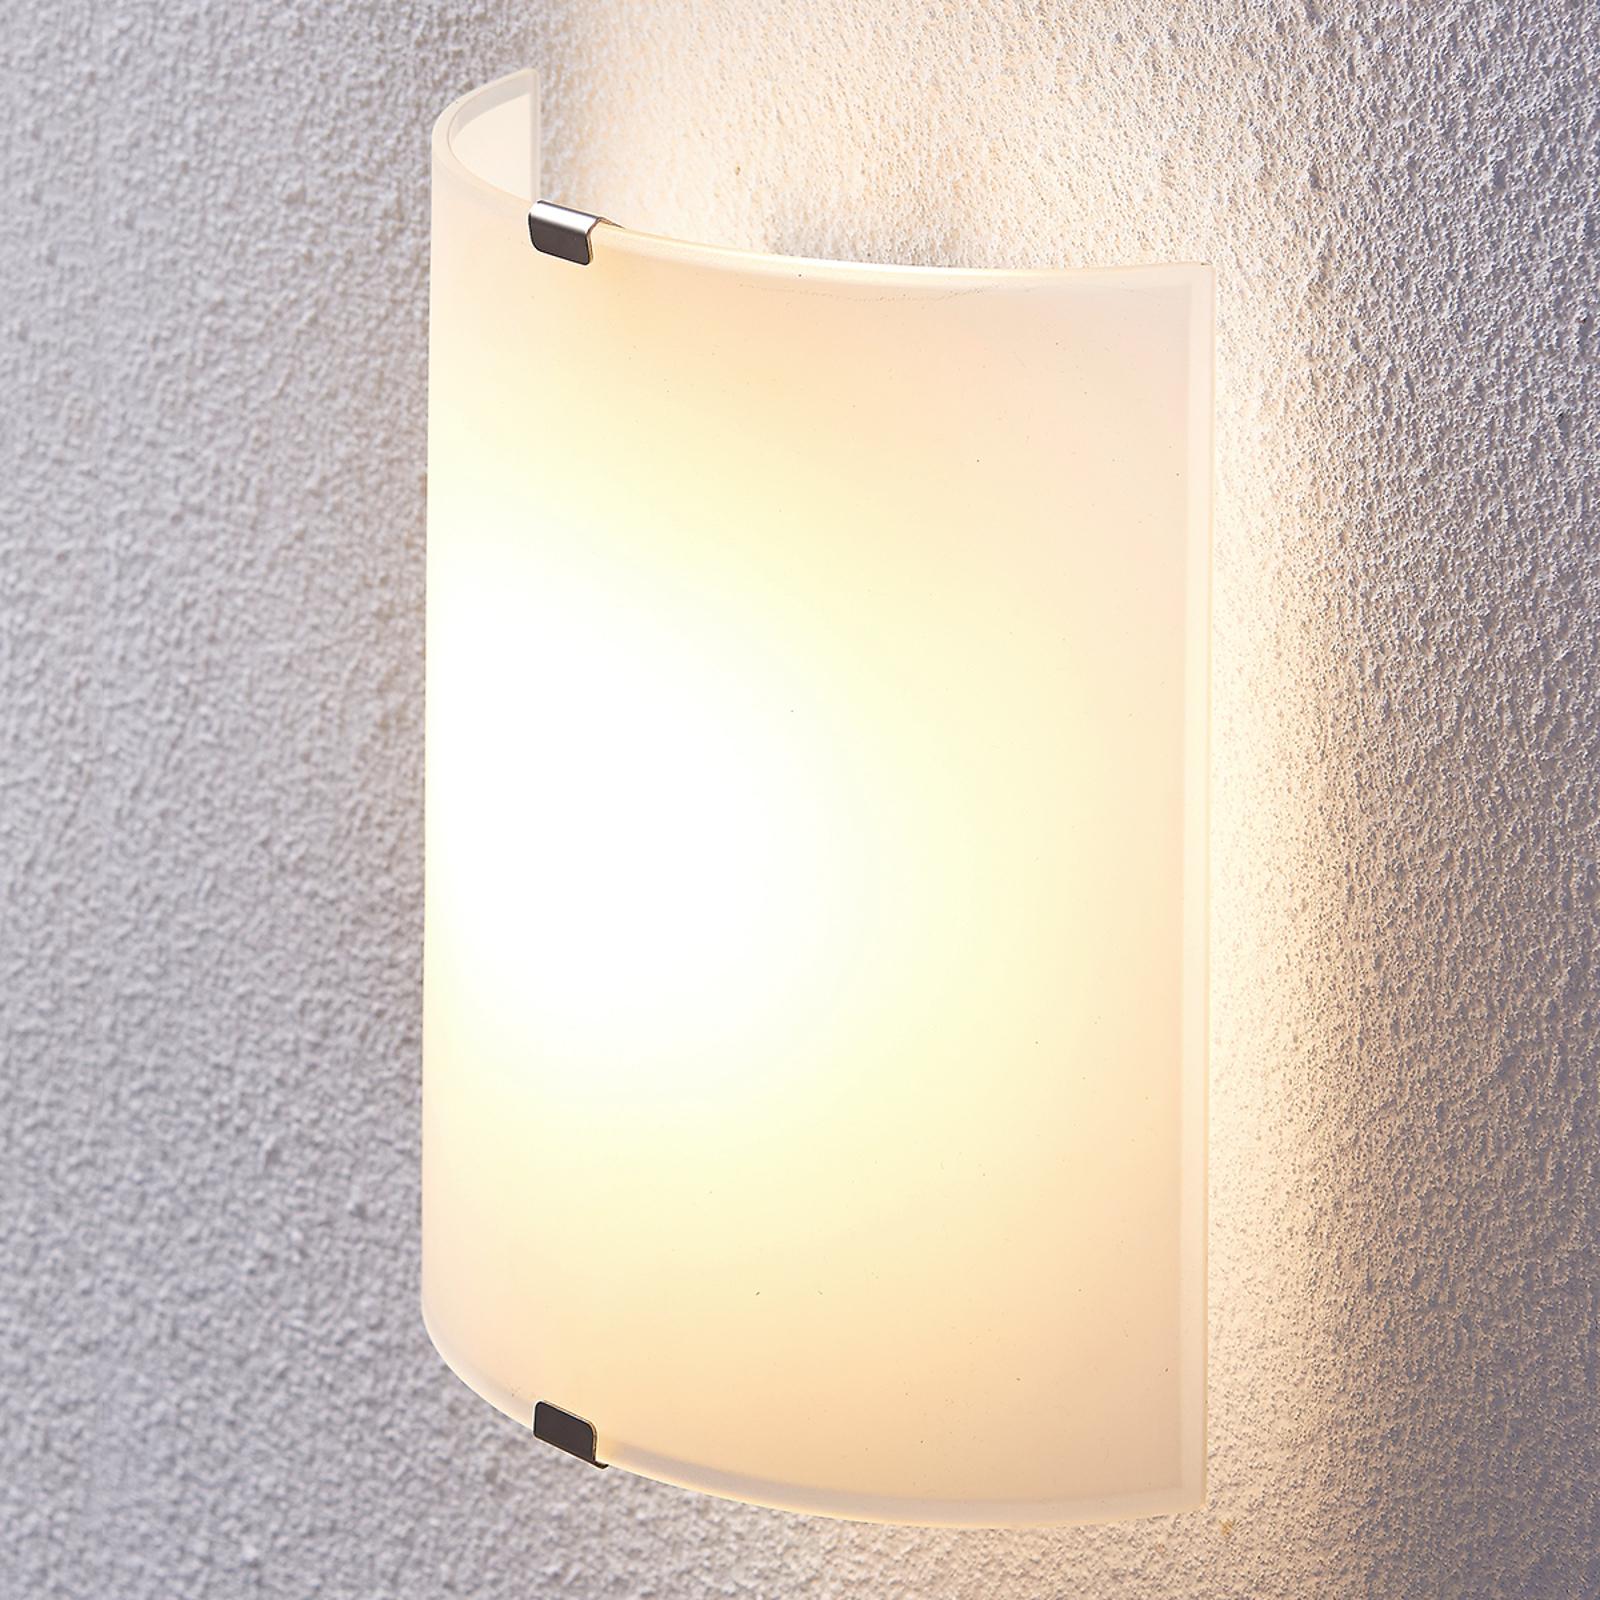 Halbrunde LED-Wandleuchte Helmi mit Glasschirm kaufen